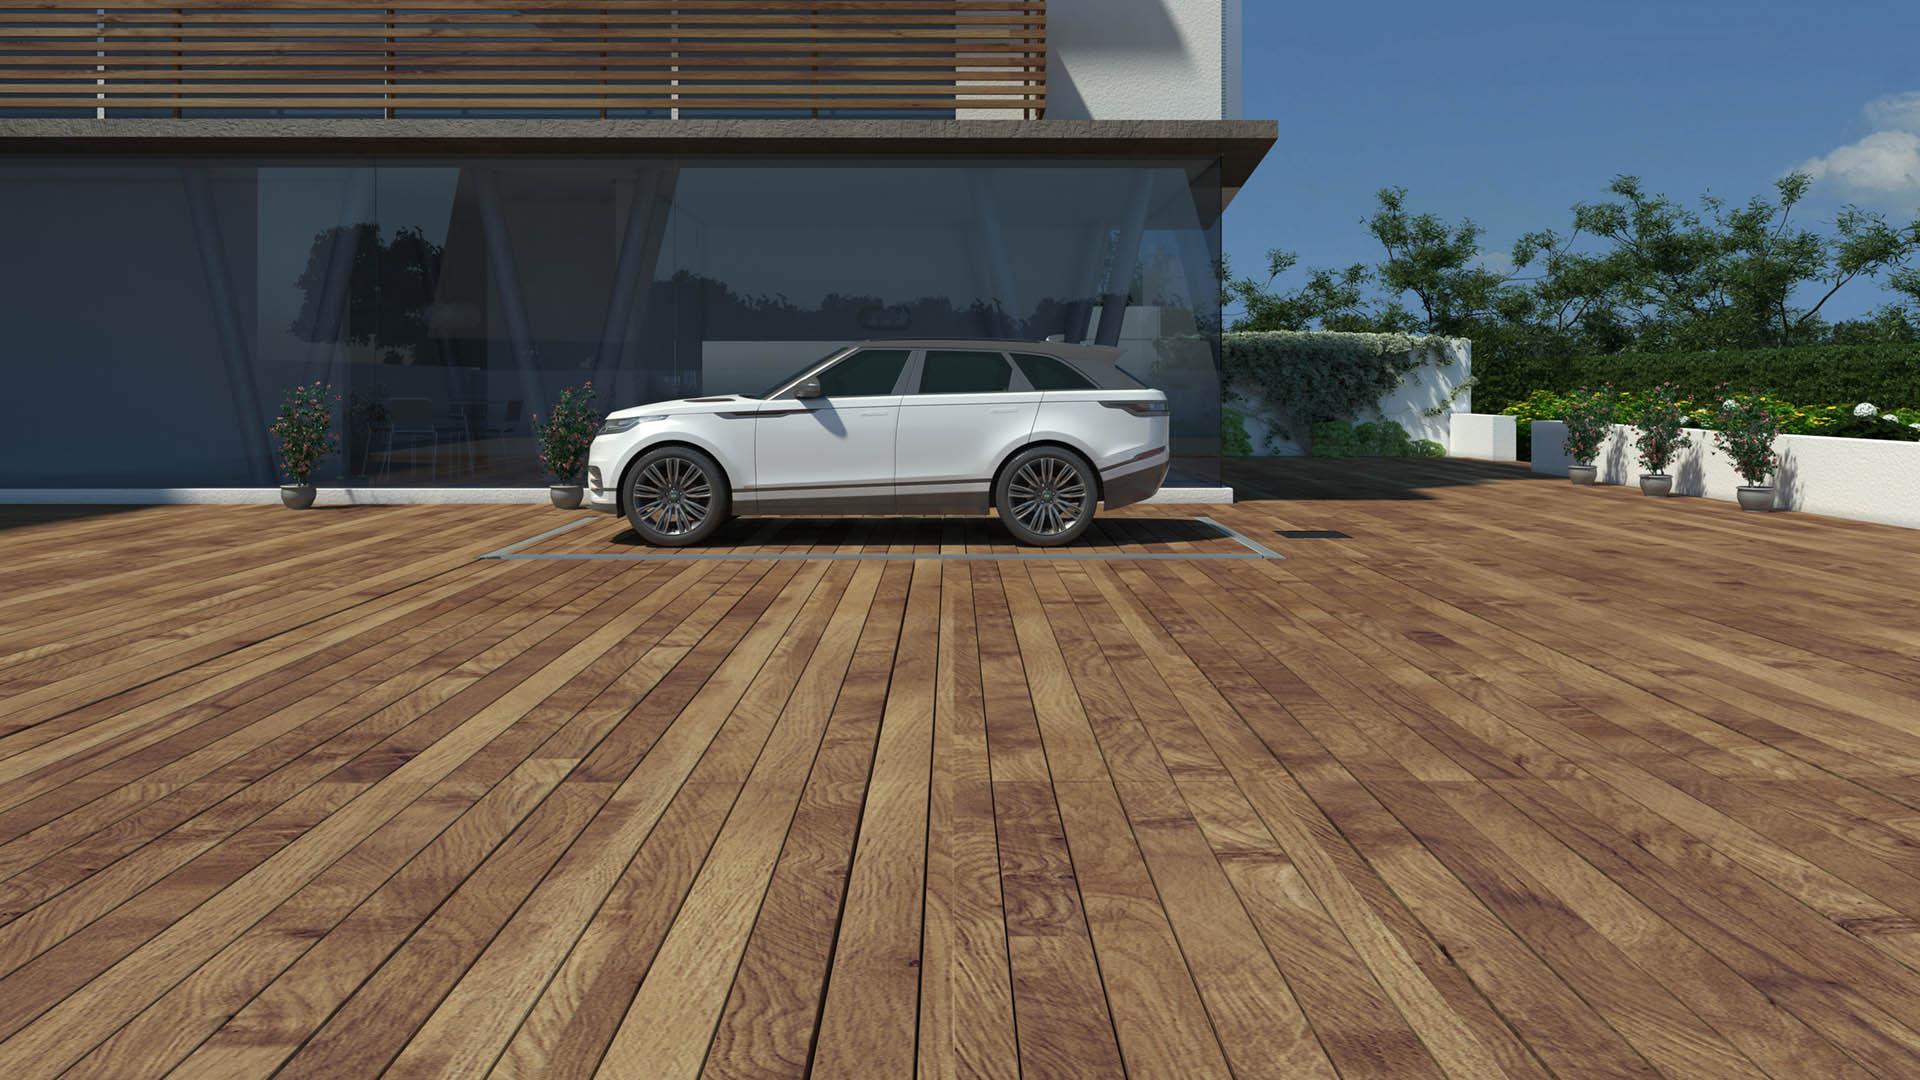 CLT Holland - Down Parker met Range Rover - Situatie inbouw in tuin of oprit